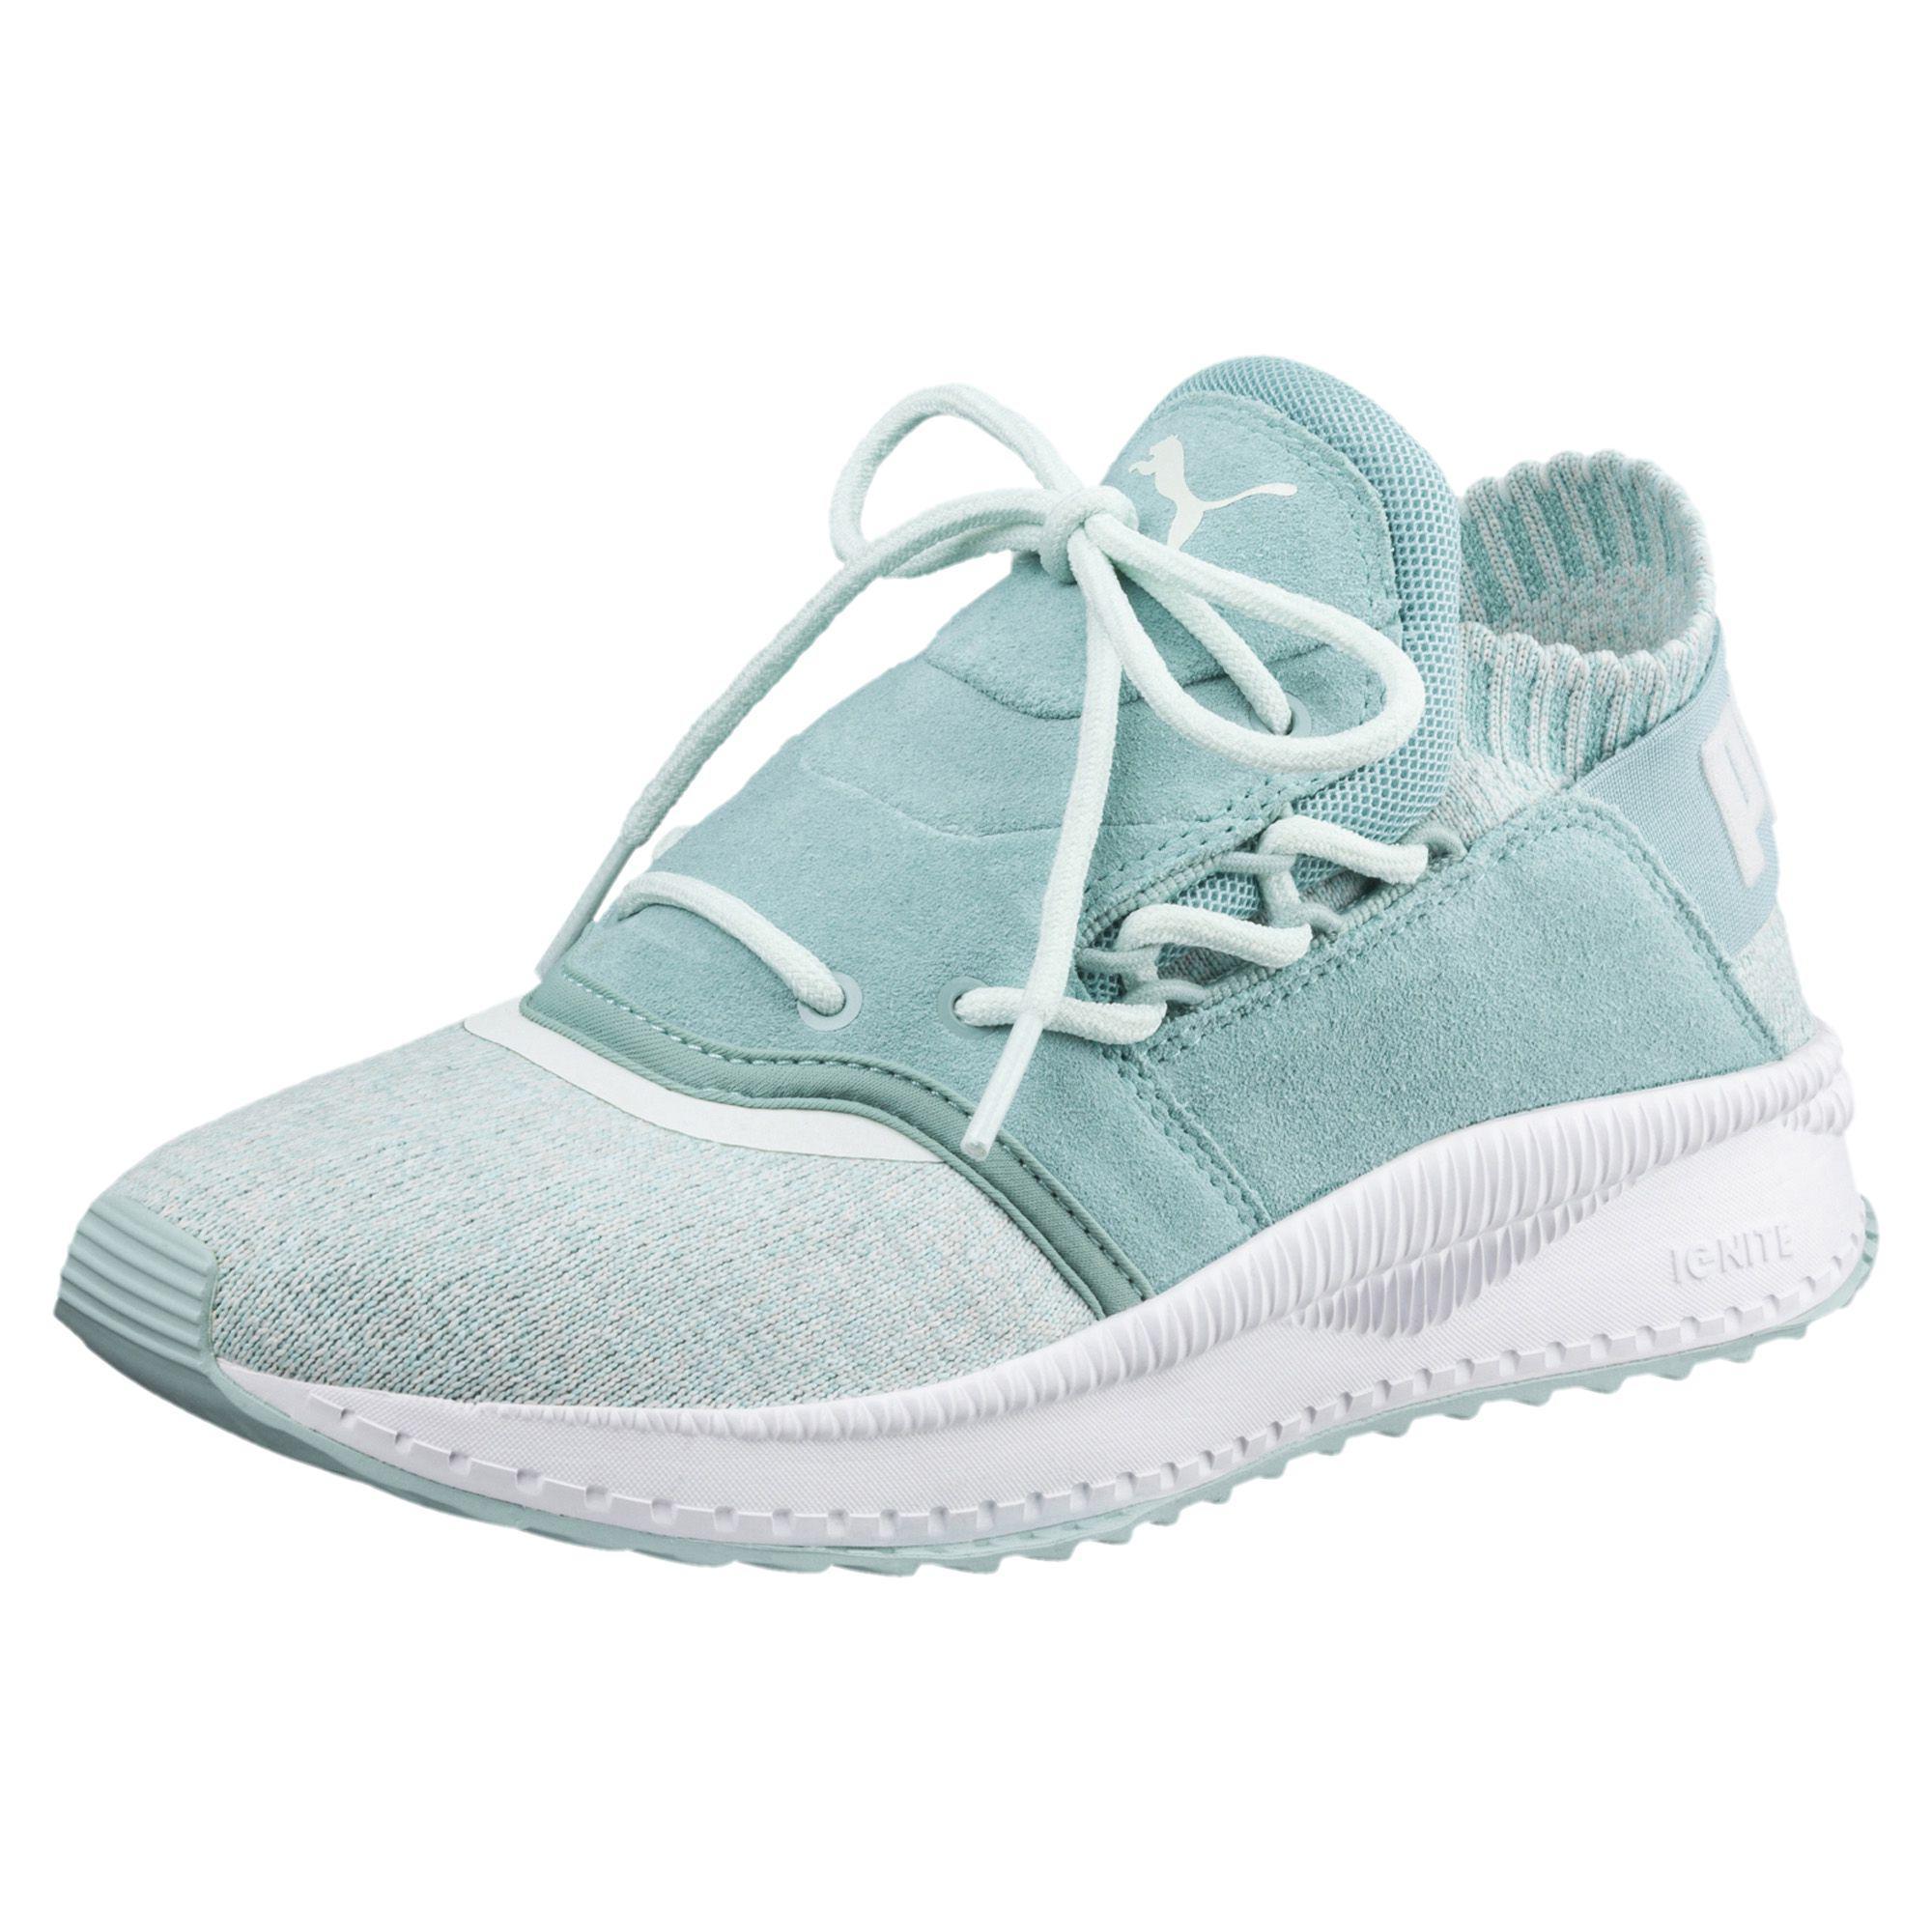 c6b59f5480a2 Lyst - PUMA Tsugi Shinsei Evoknit Women s Sneakers in Blue